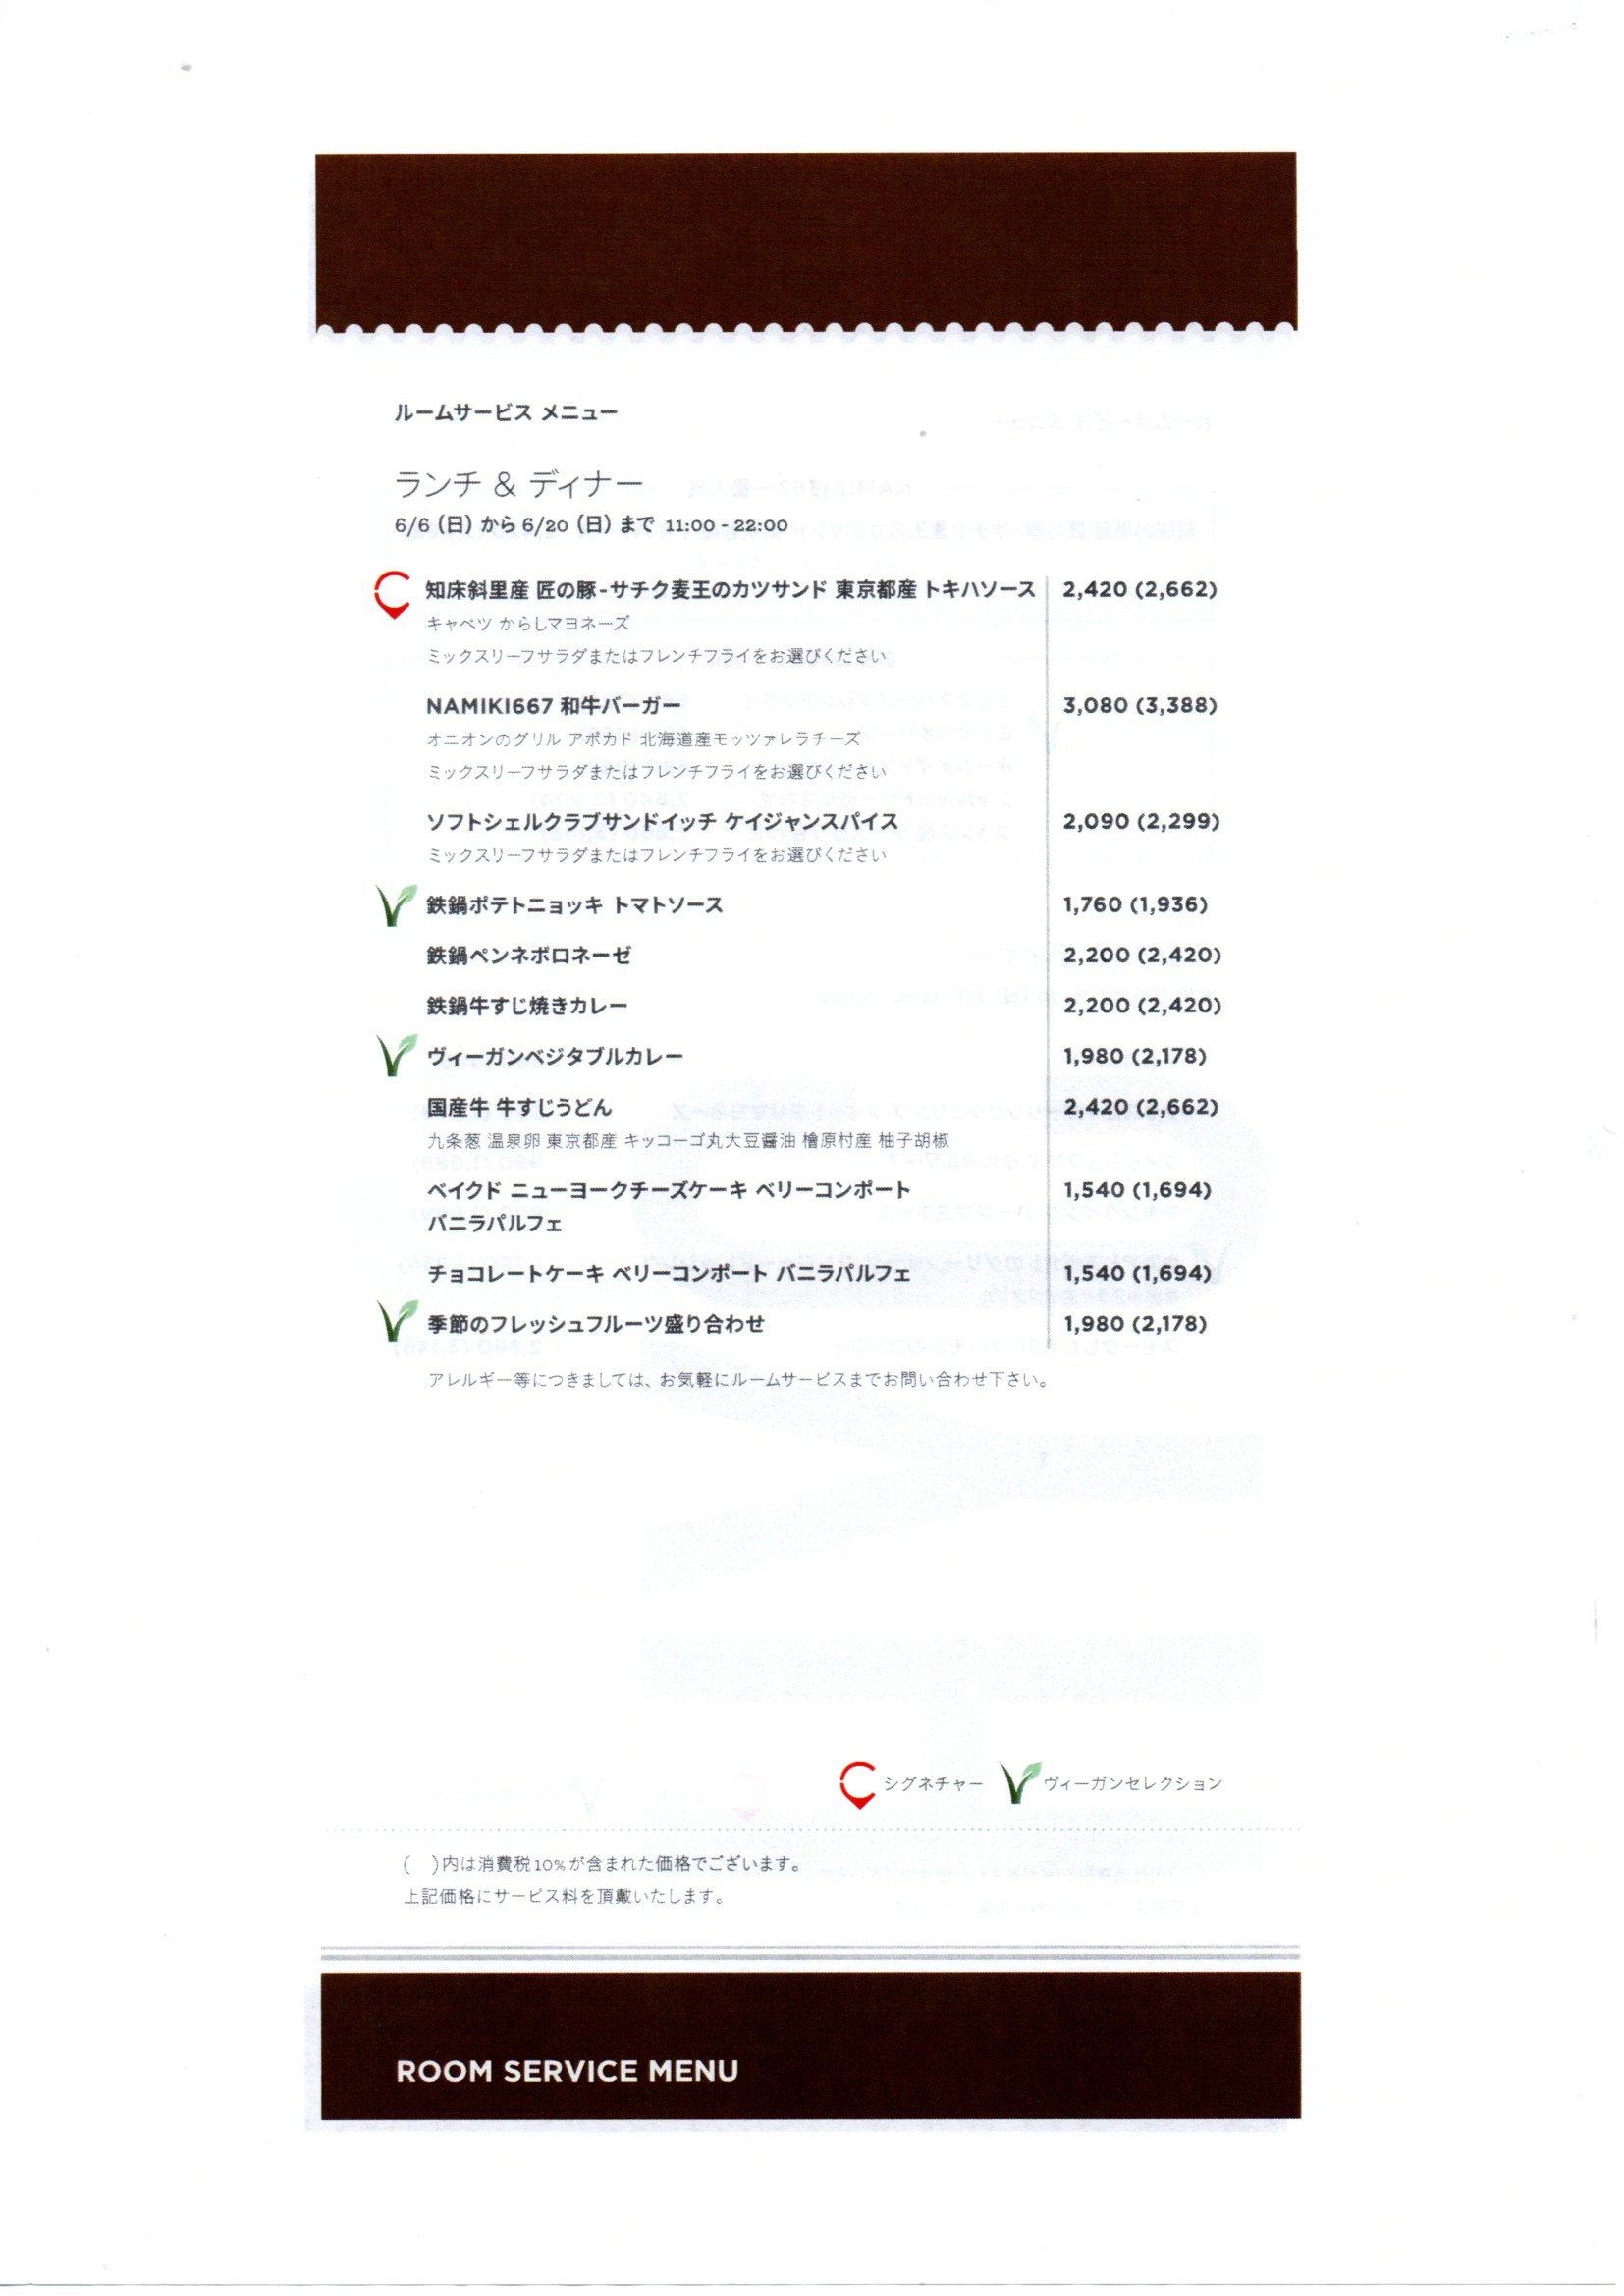 今日のルームサービス ~ ソフトシェルクラブサンド_b0405262_22164980.jpg